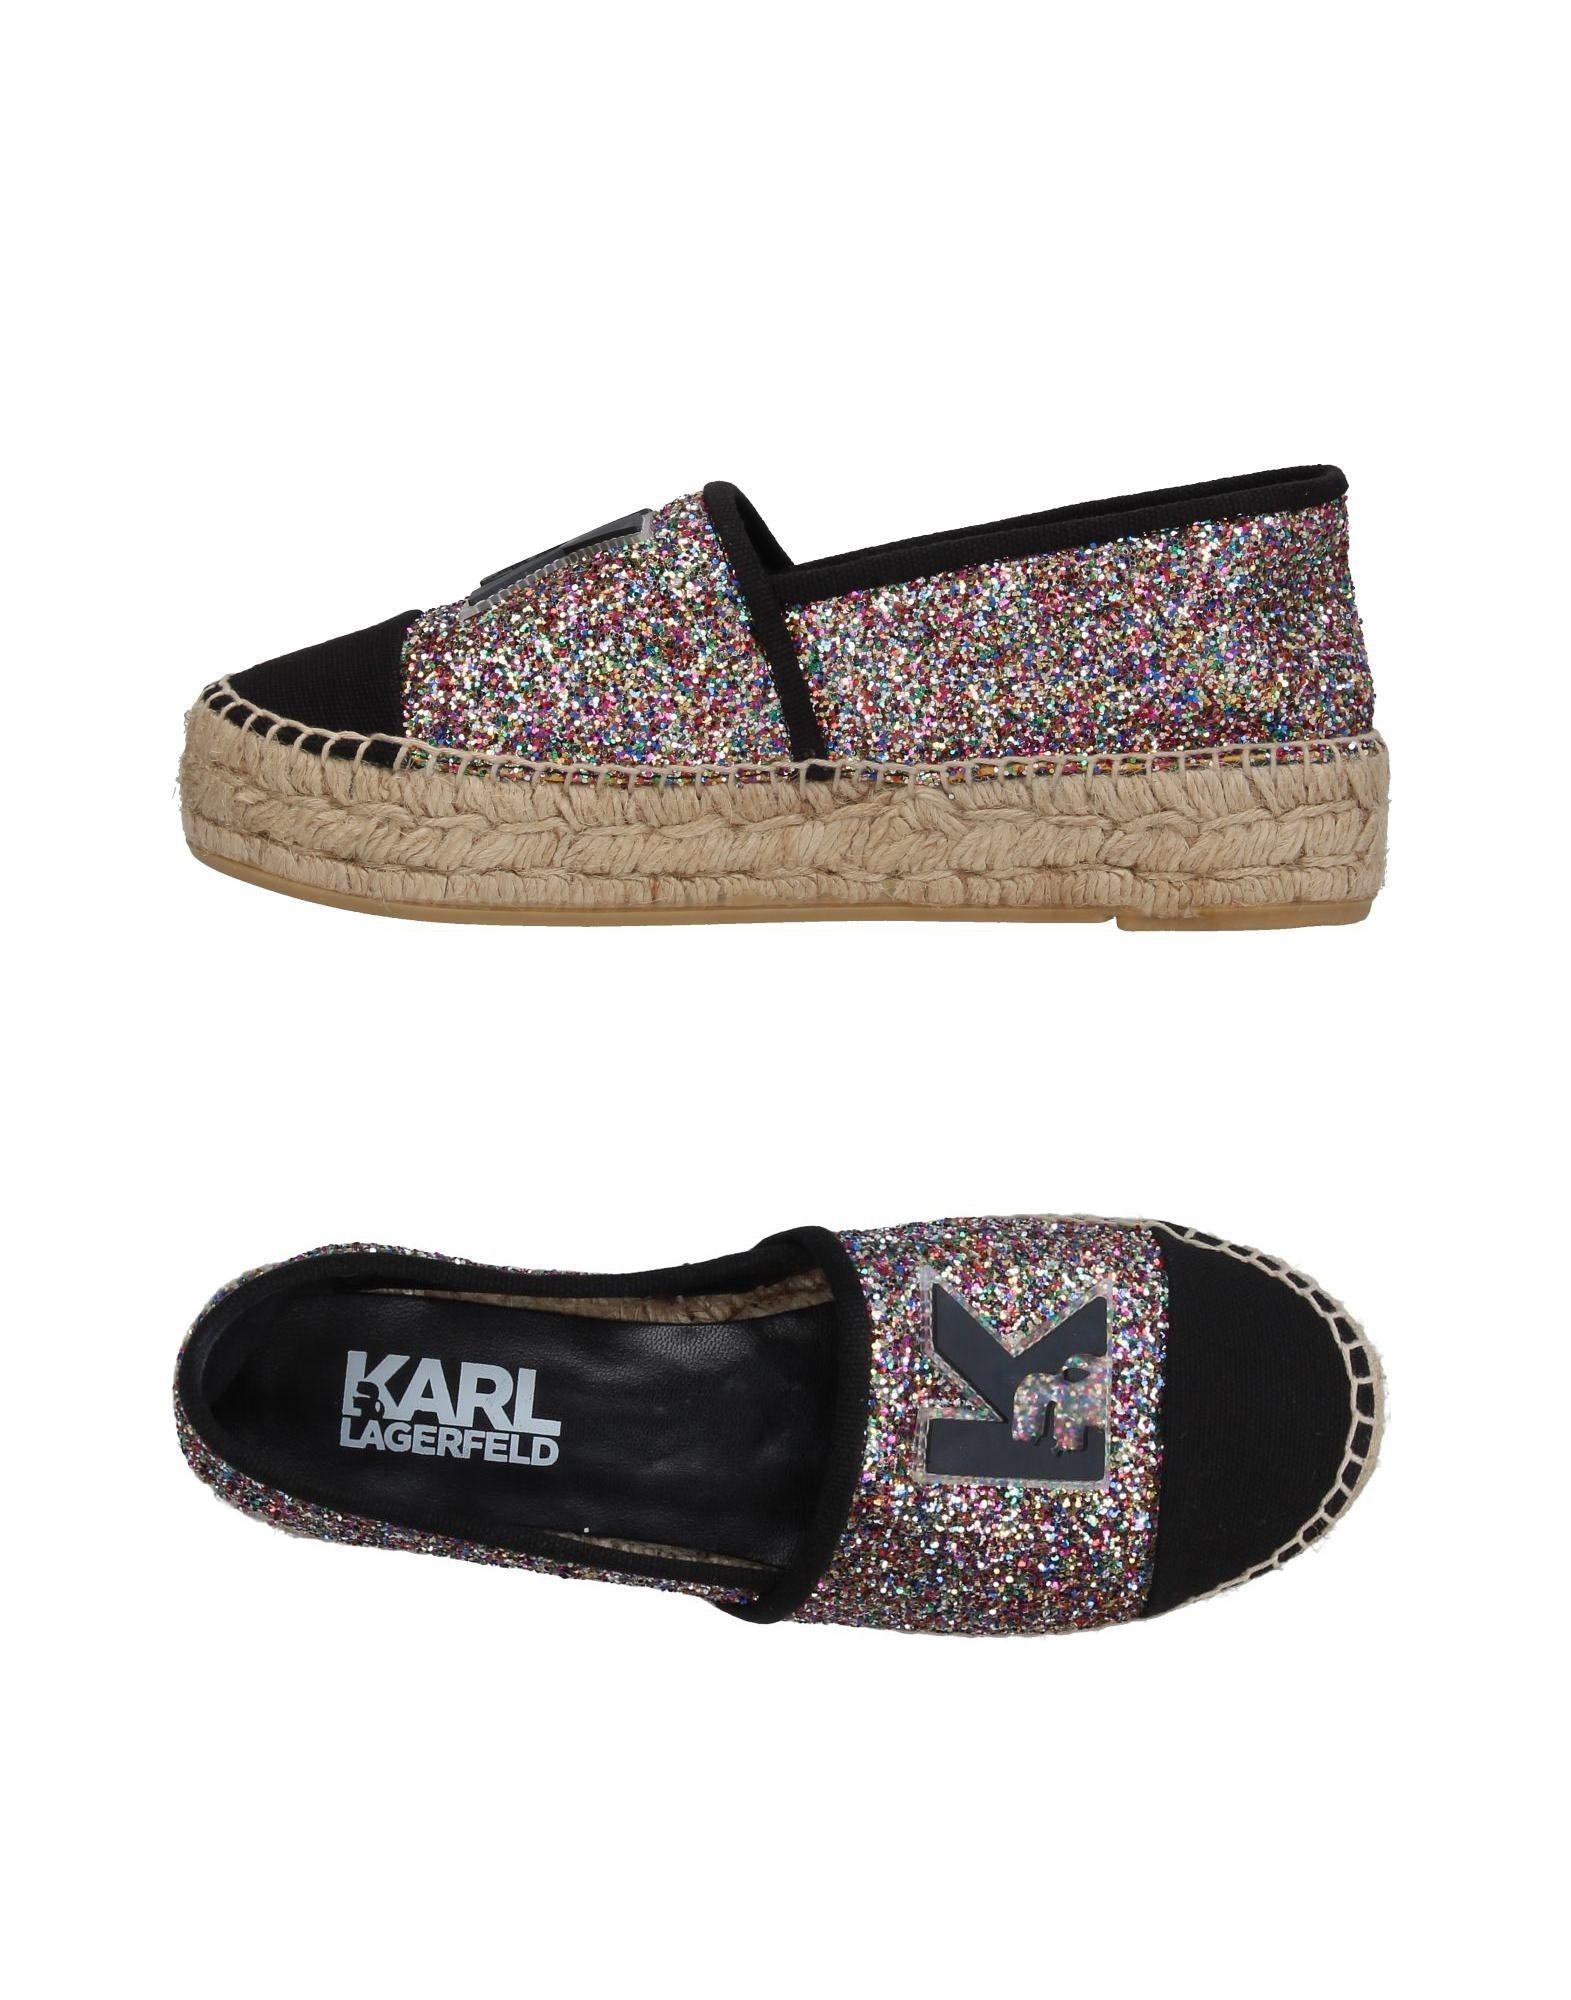 Karl Lagerfeld Espadrilles Damen  11375565VV Gute Qualität beliebte Schuhe